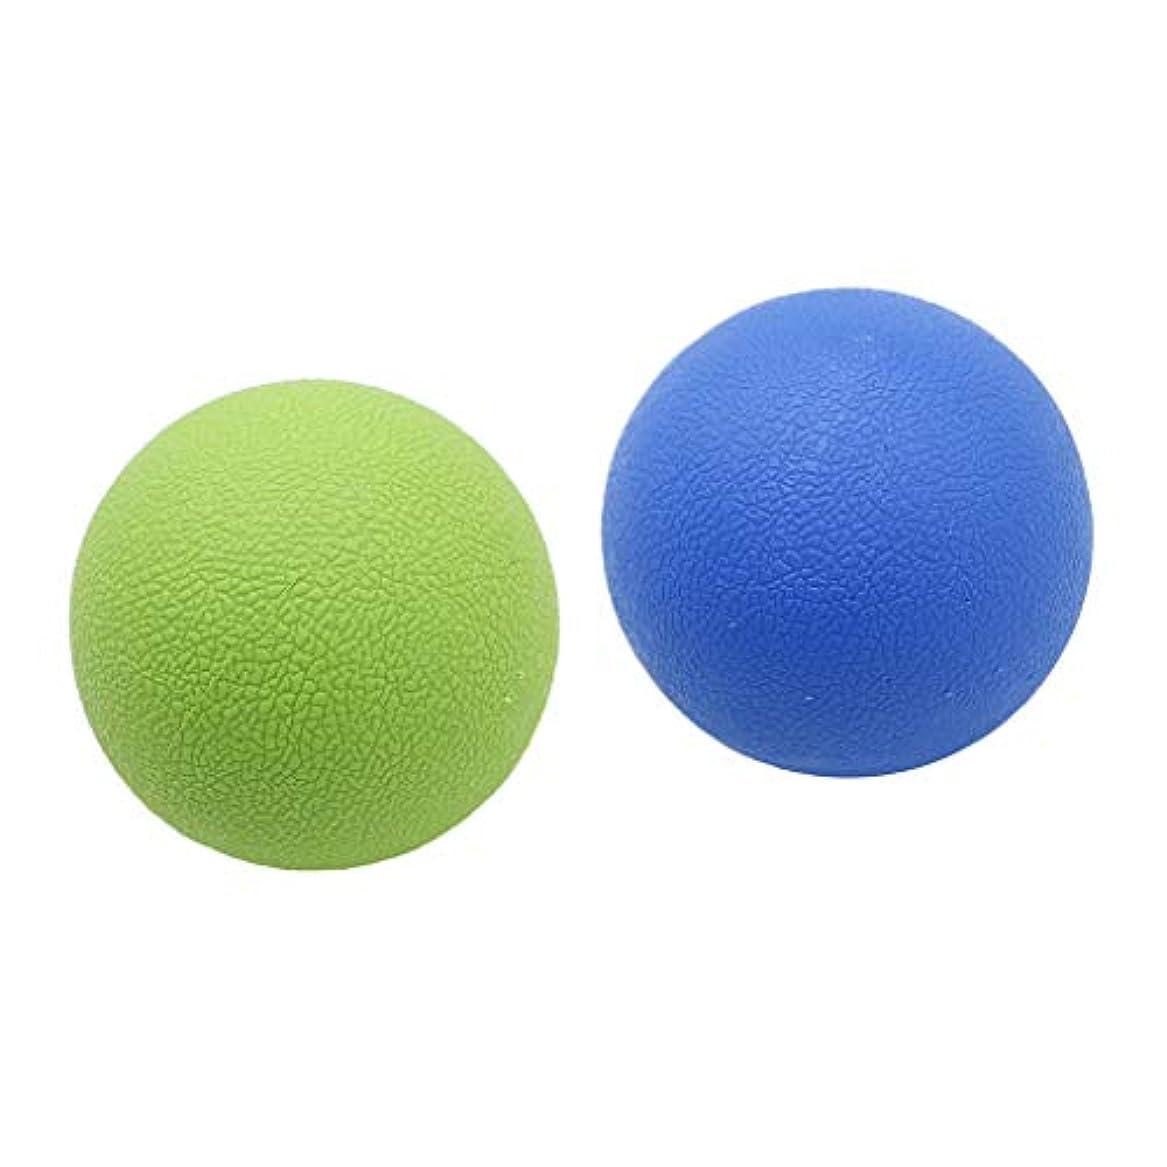 切手楕円形抑圧Hellery 2個 マッサージボール ラクロスボール トリガーポイント 弾性TPE 健康グッズ ブルーグリーン